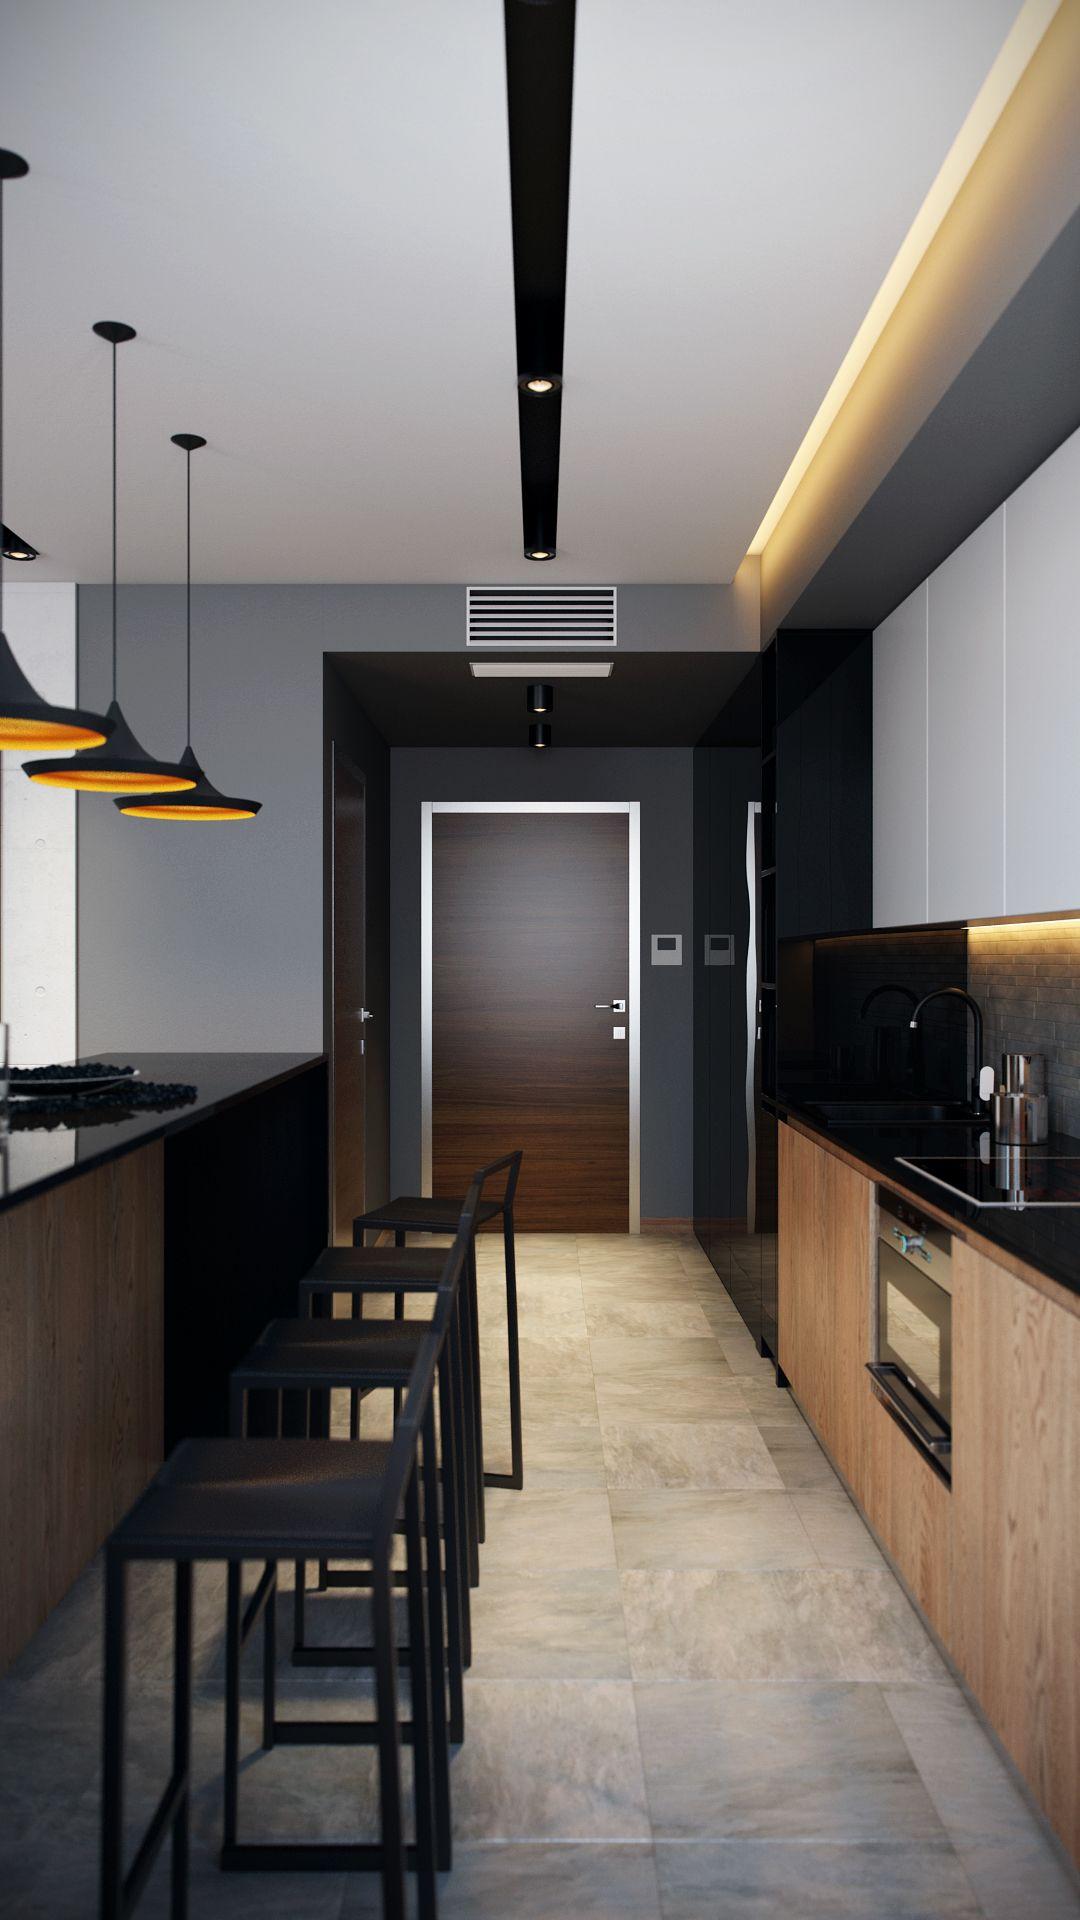 Interior Design Of Kitchen Room: Indirekte // Beleuchtung